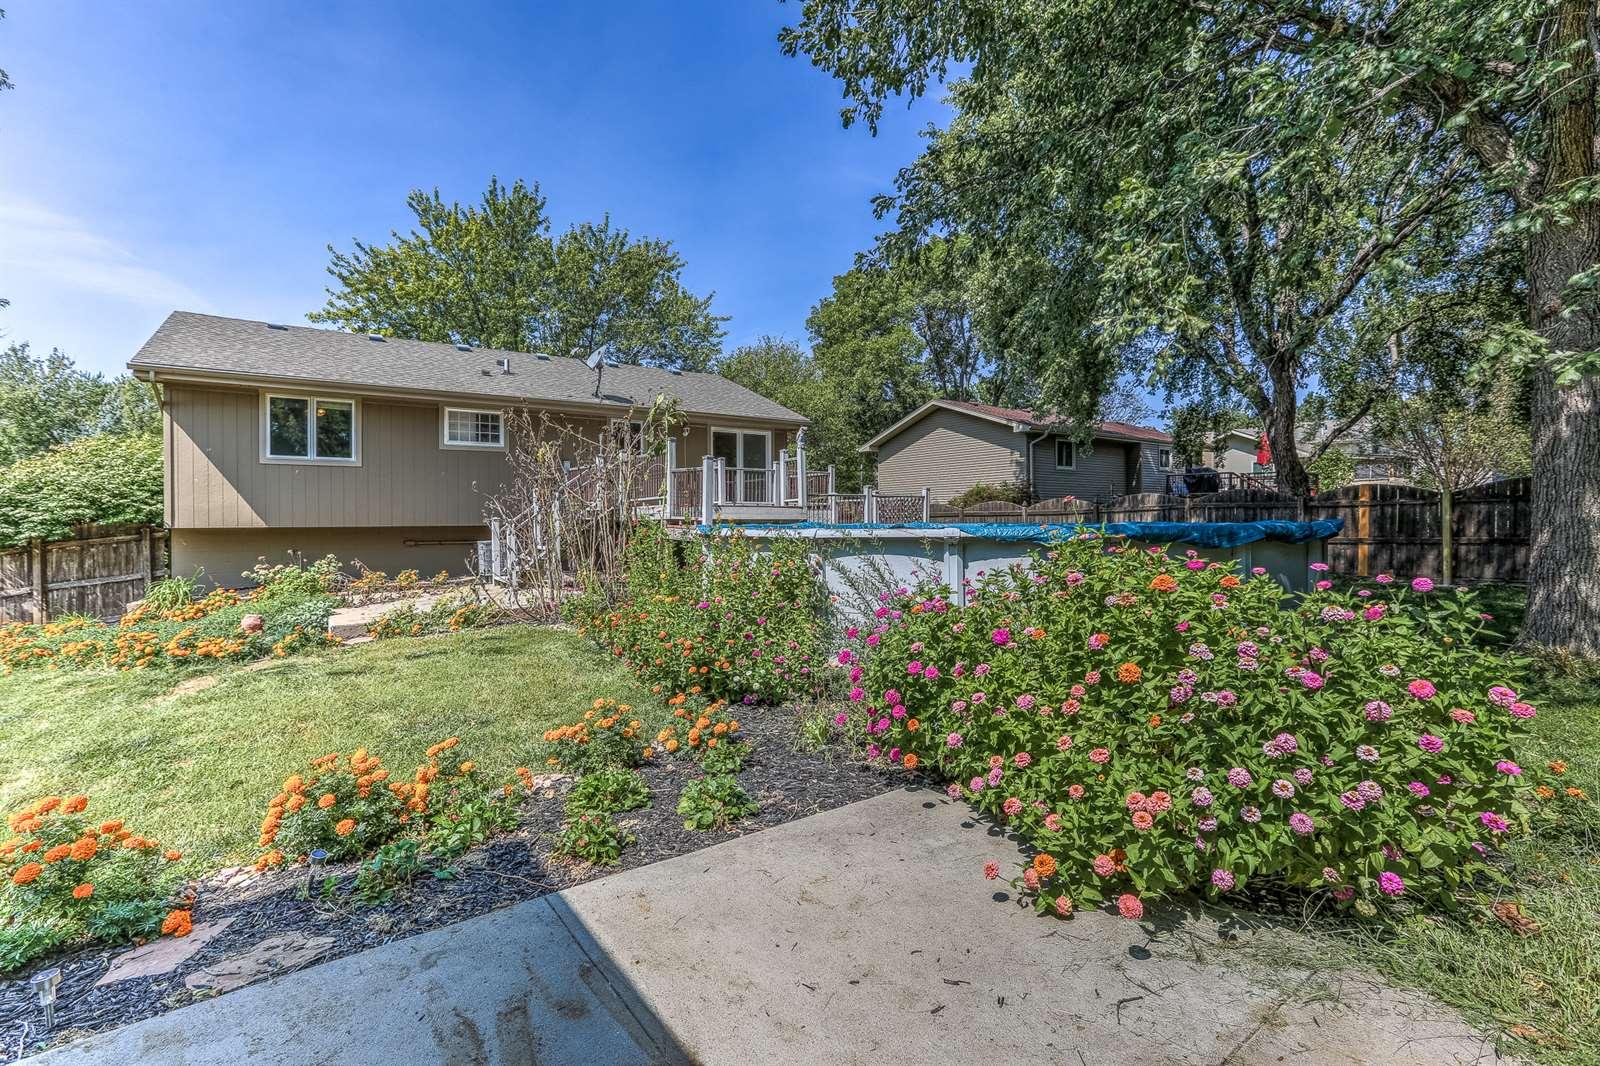 7205 S 75 Avenue, La Vista, NE 68128